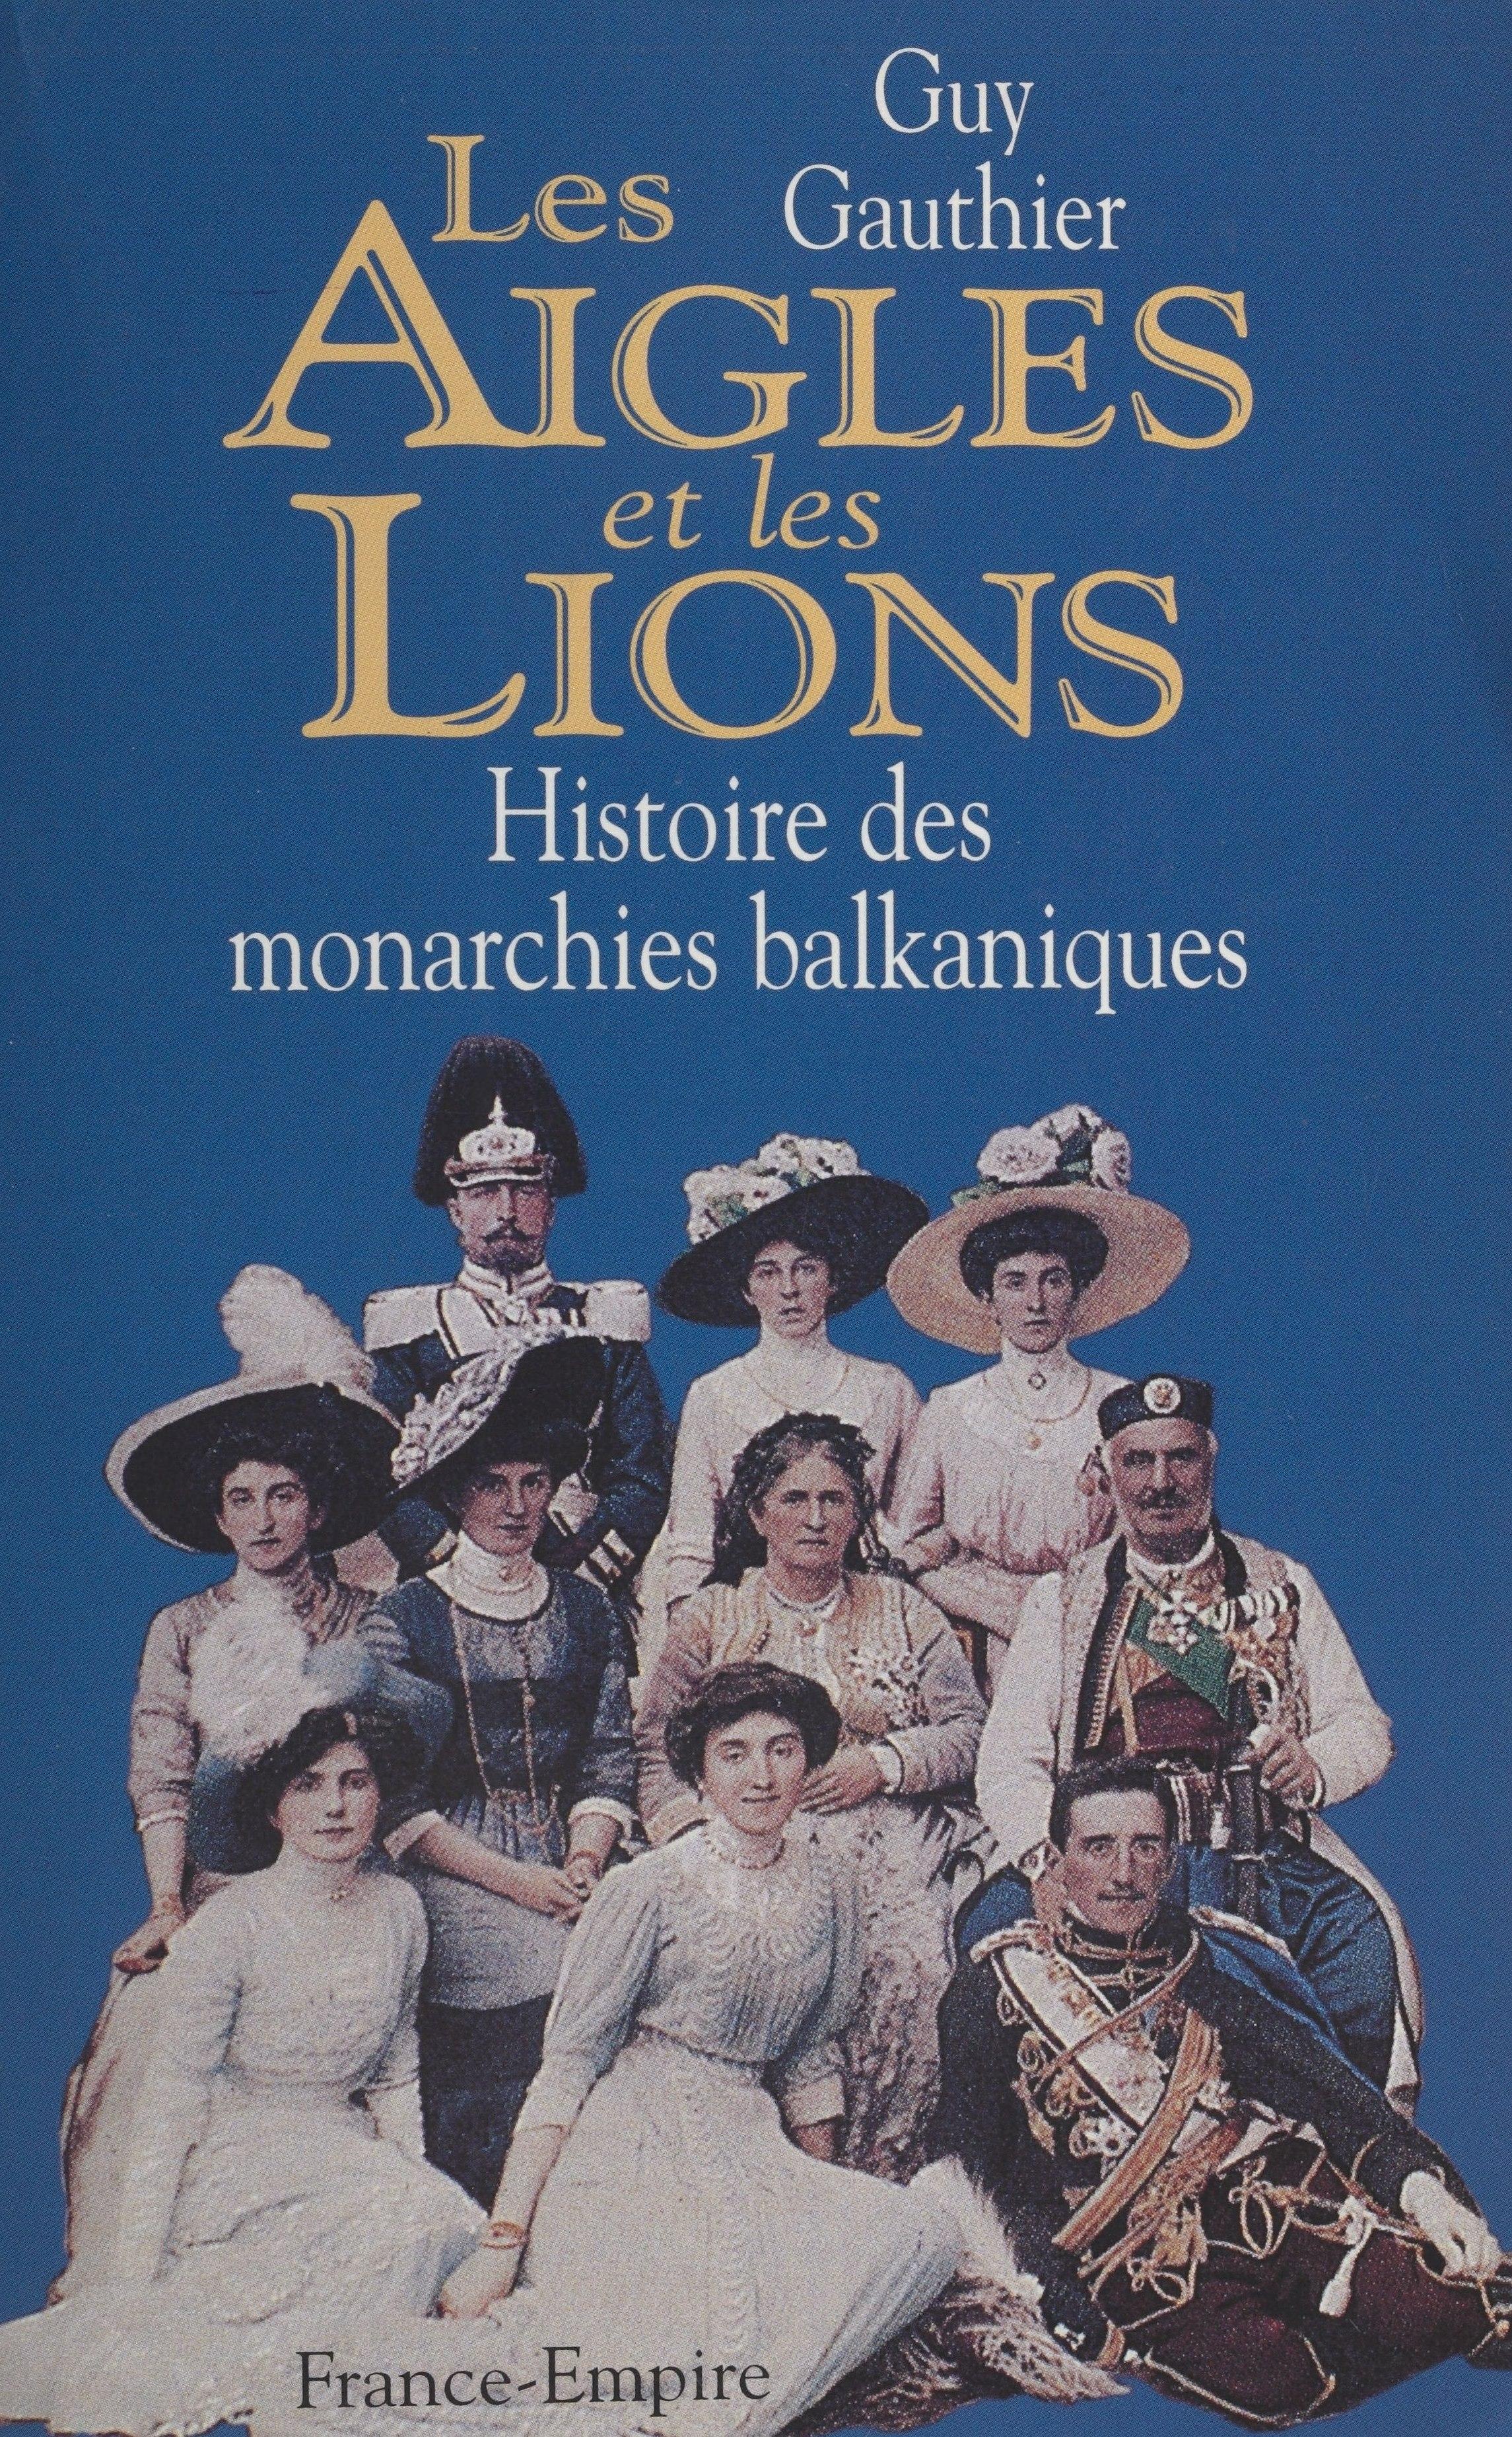 Les aigles et les lions, HISTOIRE DES MONARCHIES BALKANIQUES DE 1817 À 1974